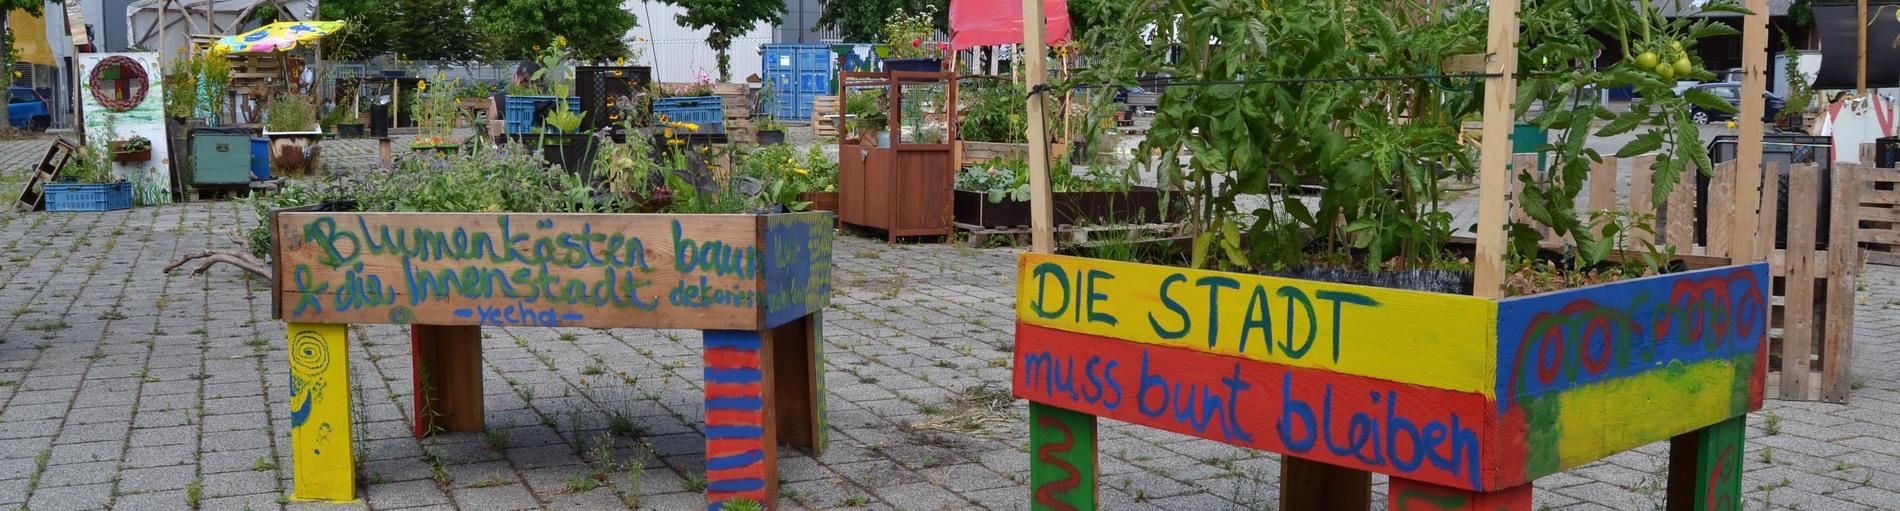 Hochbeete mit grünen Pflanzen stehen auf einem betonierten Platz; Quelle: bremen.online GmbH - MDR